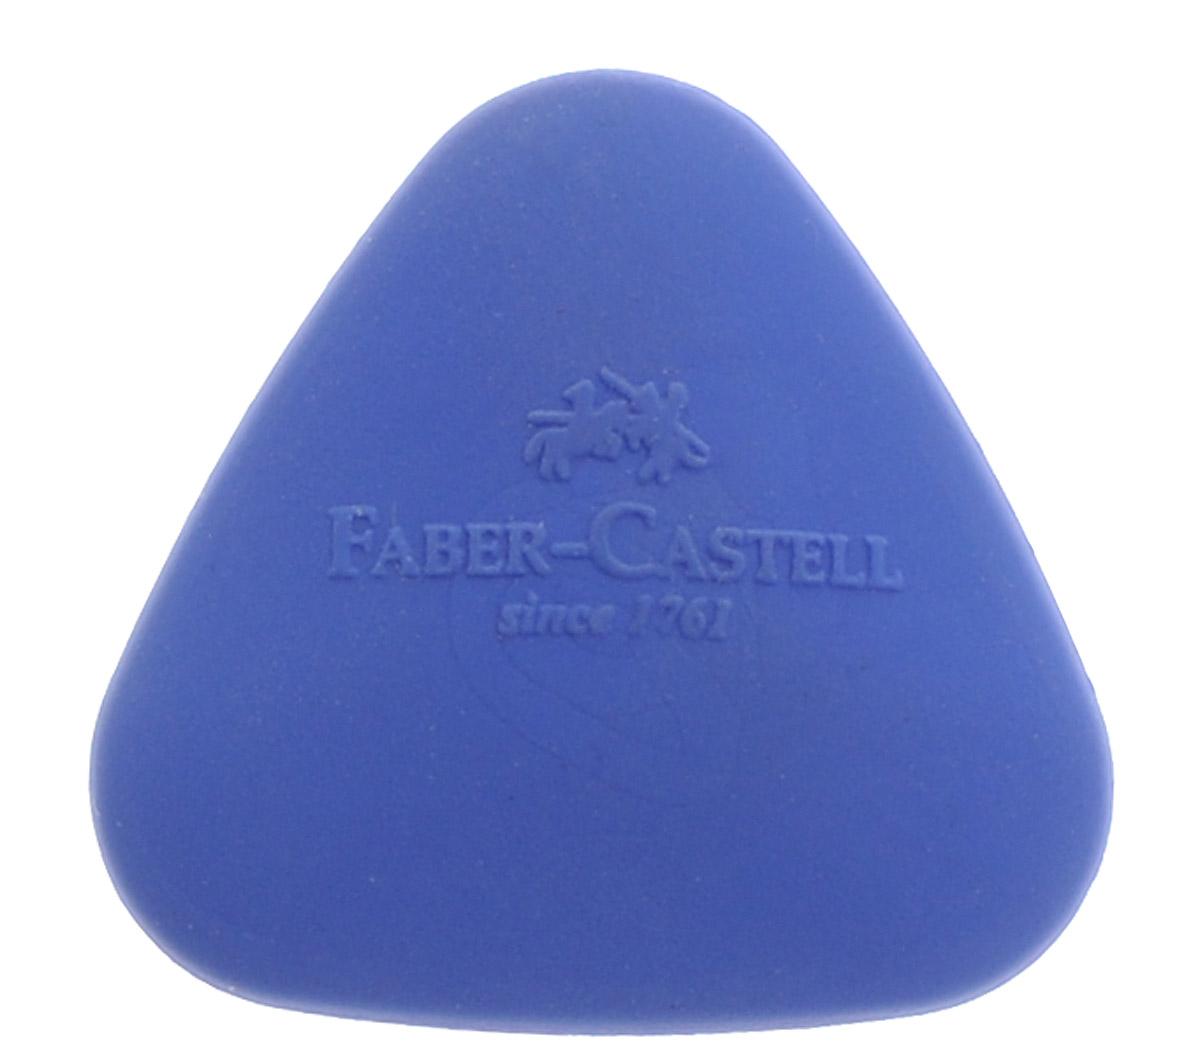 Faber-Castell Ластик формованный треугольный цвет синий1060319Ластик Faber-Castell - незаменимый аксессуар на рабочем столе не только школьника или студента, но и офисного работника. Он легко и без следа удаляет надписи, сделанные карандашом. Ластик имеет форму треугольника и его очень удобно держать в руке.